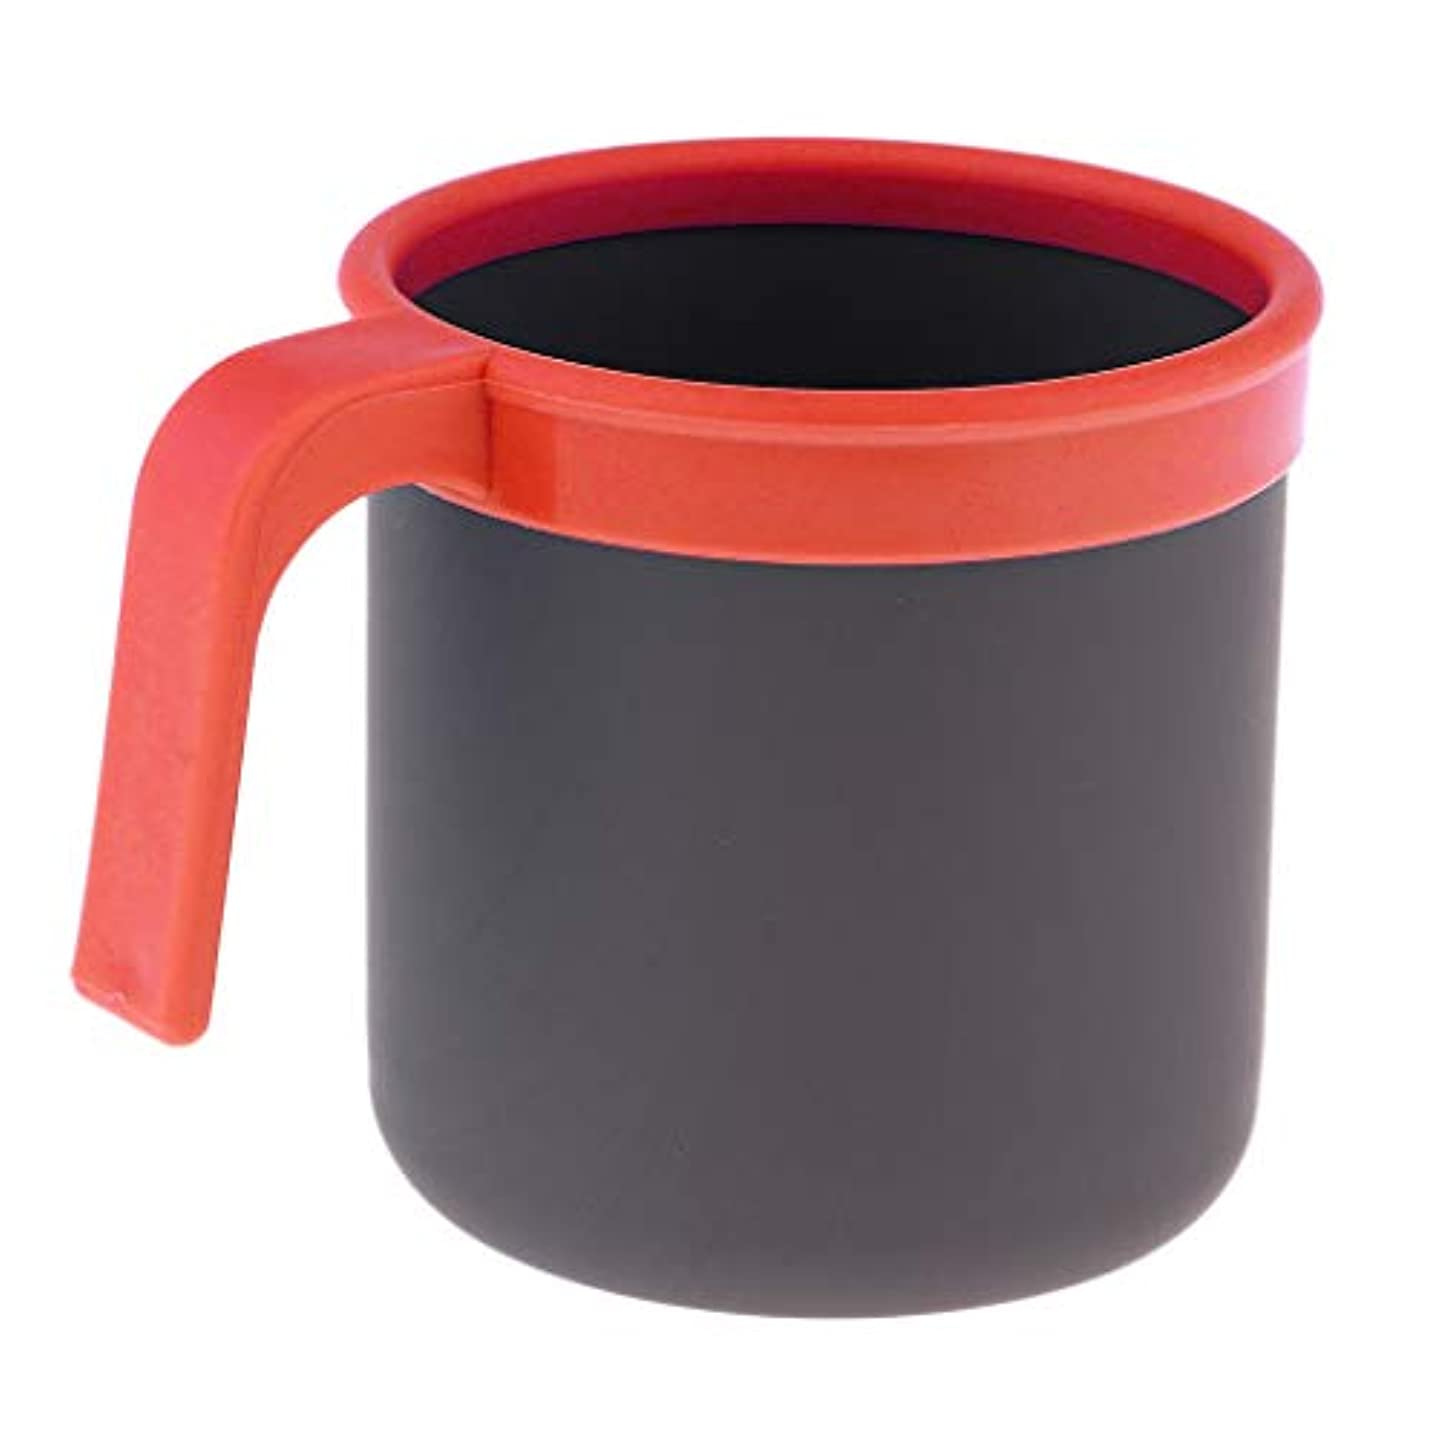 レモンアート専門Baoblaze アウトドア アルミ合金 キャンプ コーヒーカップ マグカップ 全3色